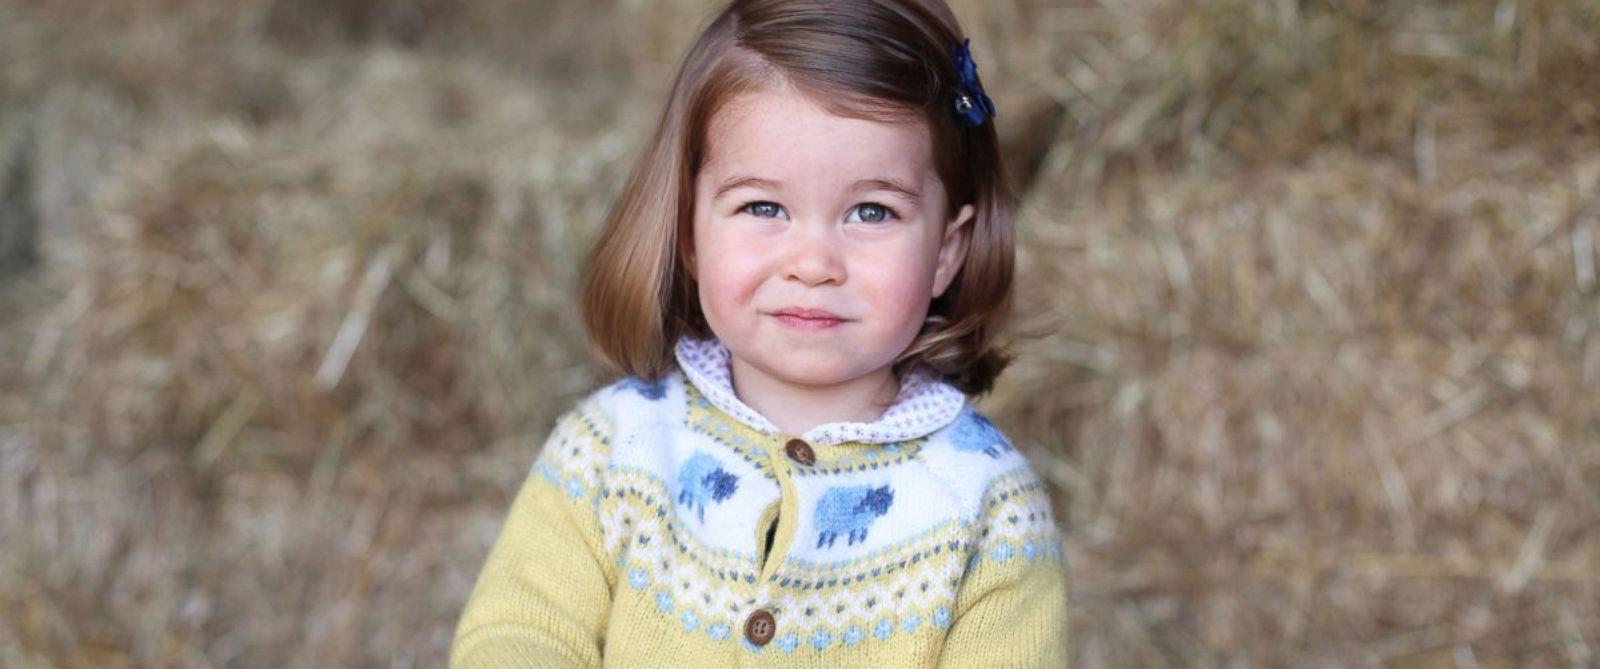 HT-Princess-Charlotte-MEM-170501_12x5_1600_1493641204355.jpg